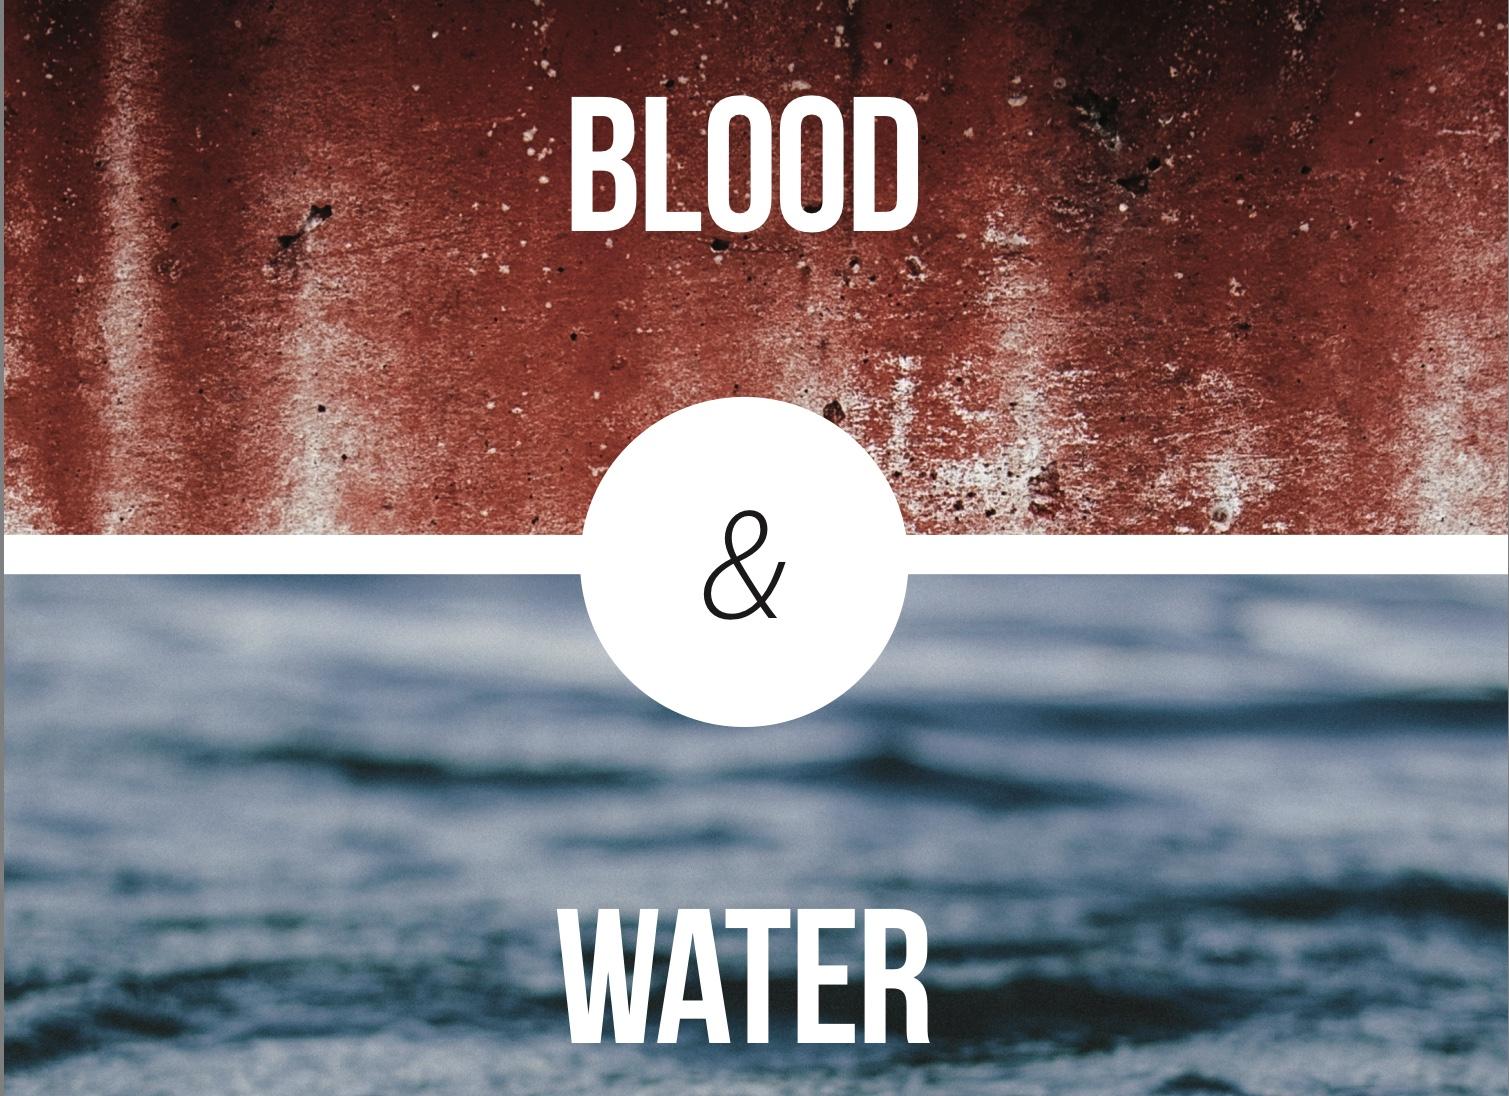 waterblood.jpg